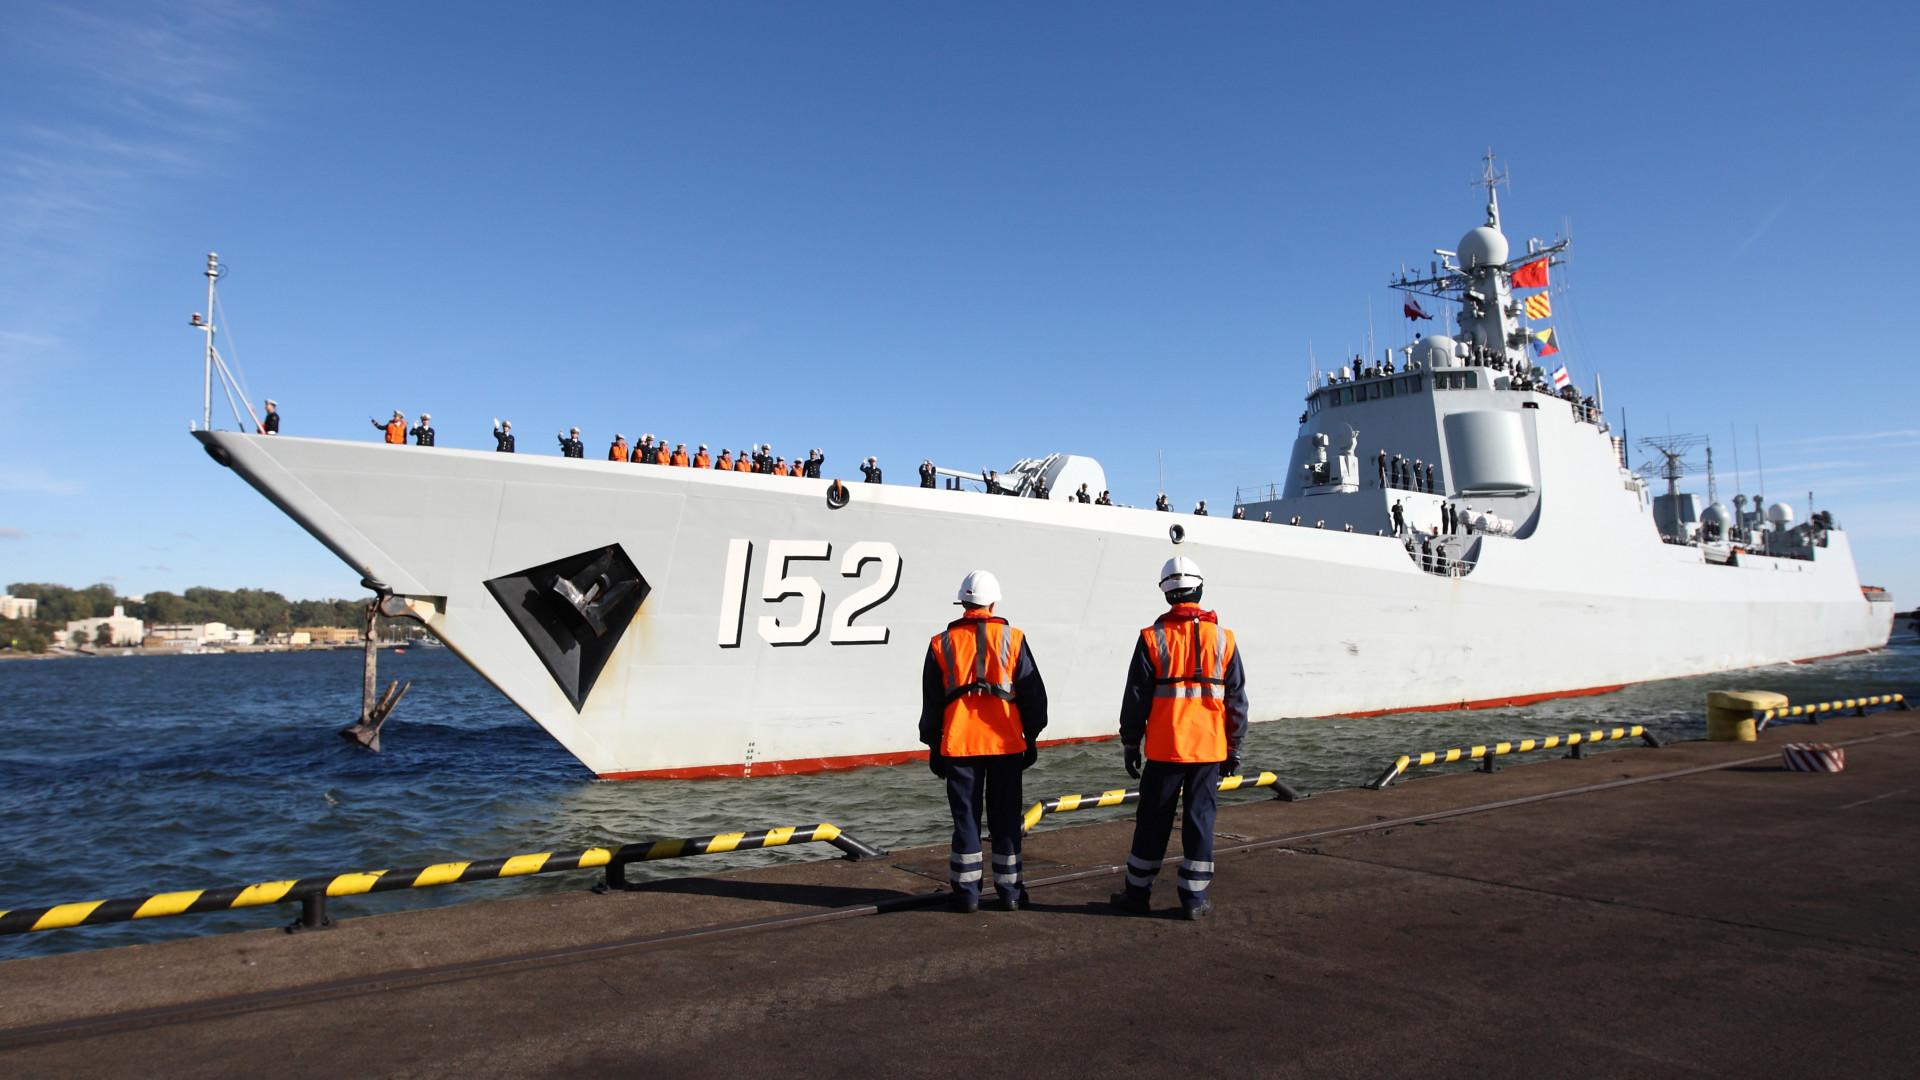 Váratlanul 300 kínai hadihajó jelent meg ... - krónika